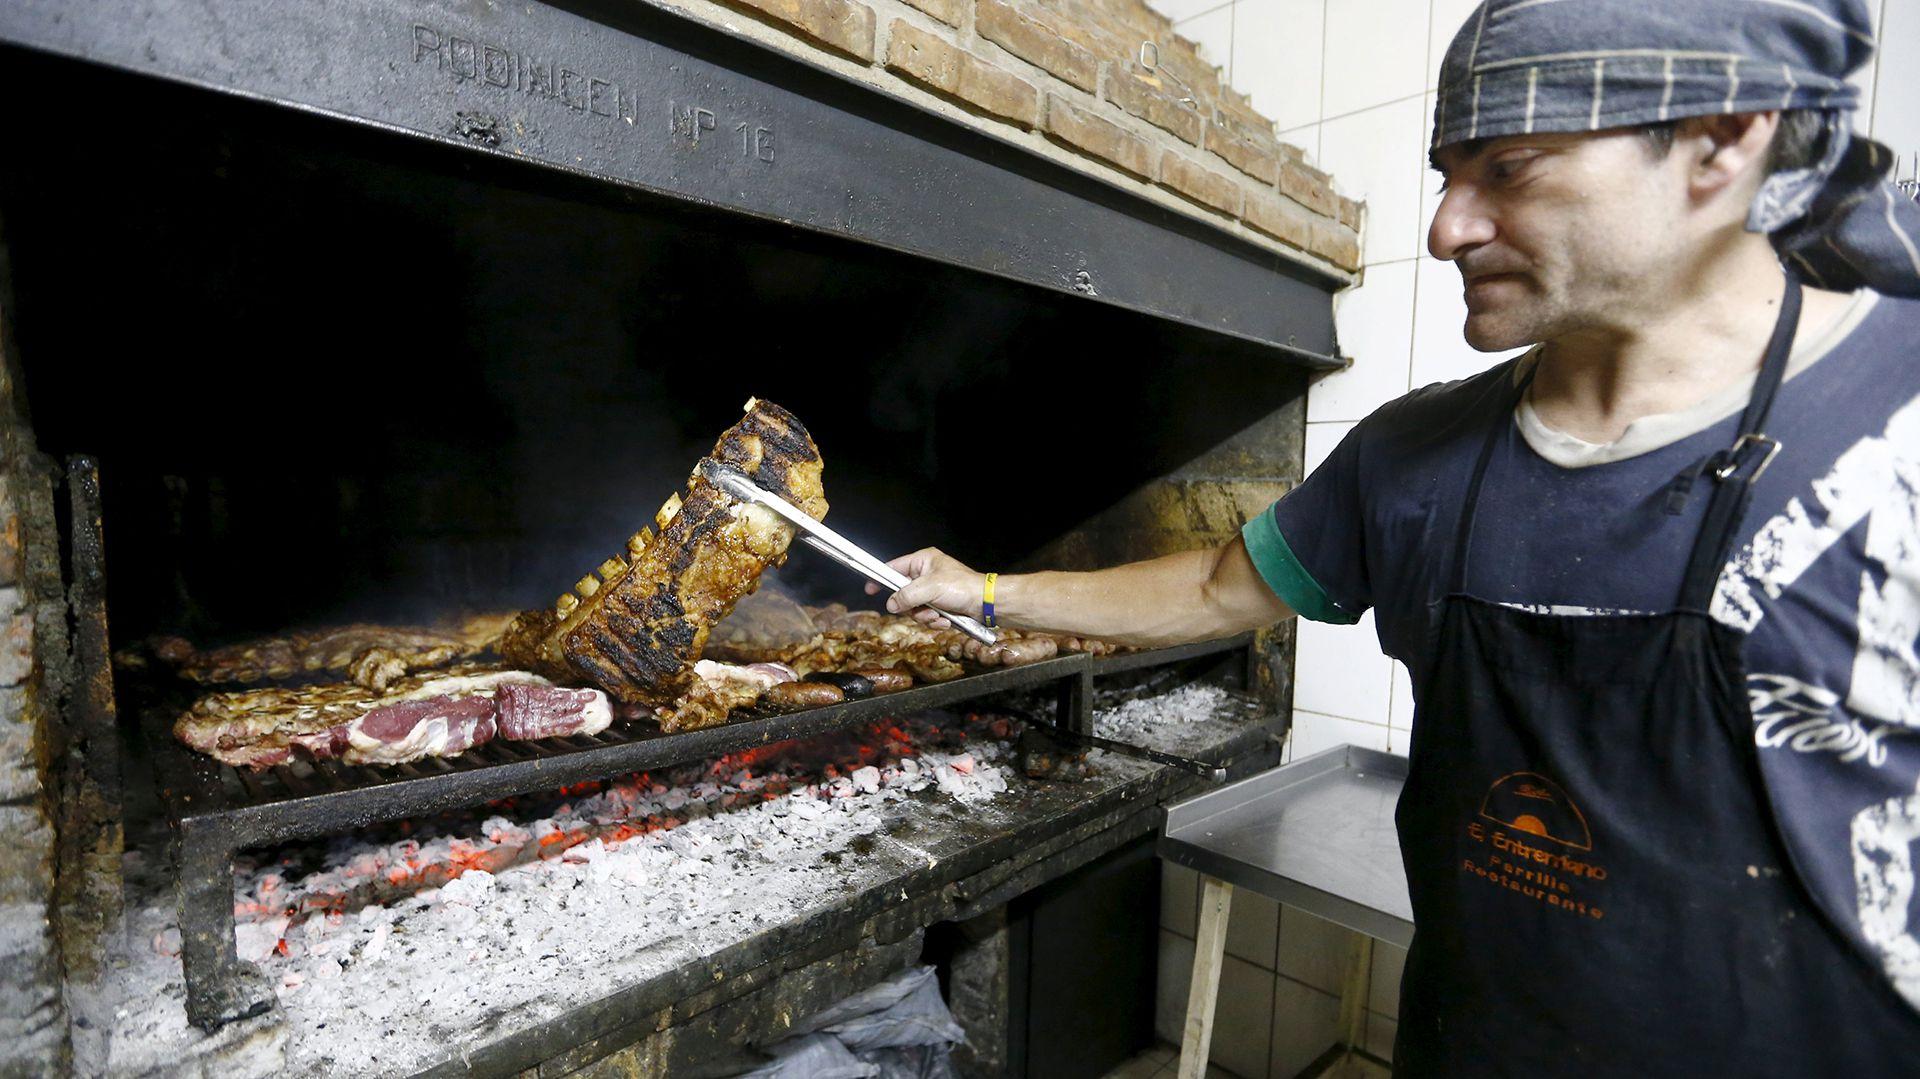 La acrilamida es la sustancia que liberan los alimentos quemados o tostados (Foto: Archivo)